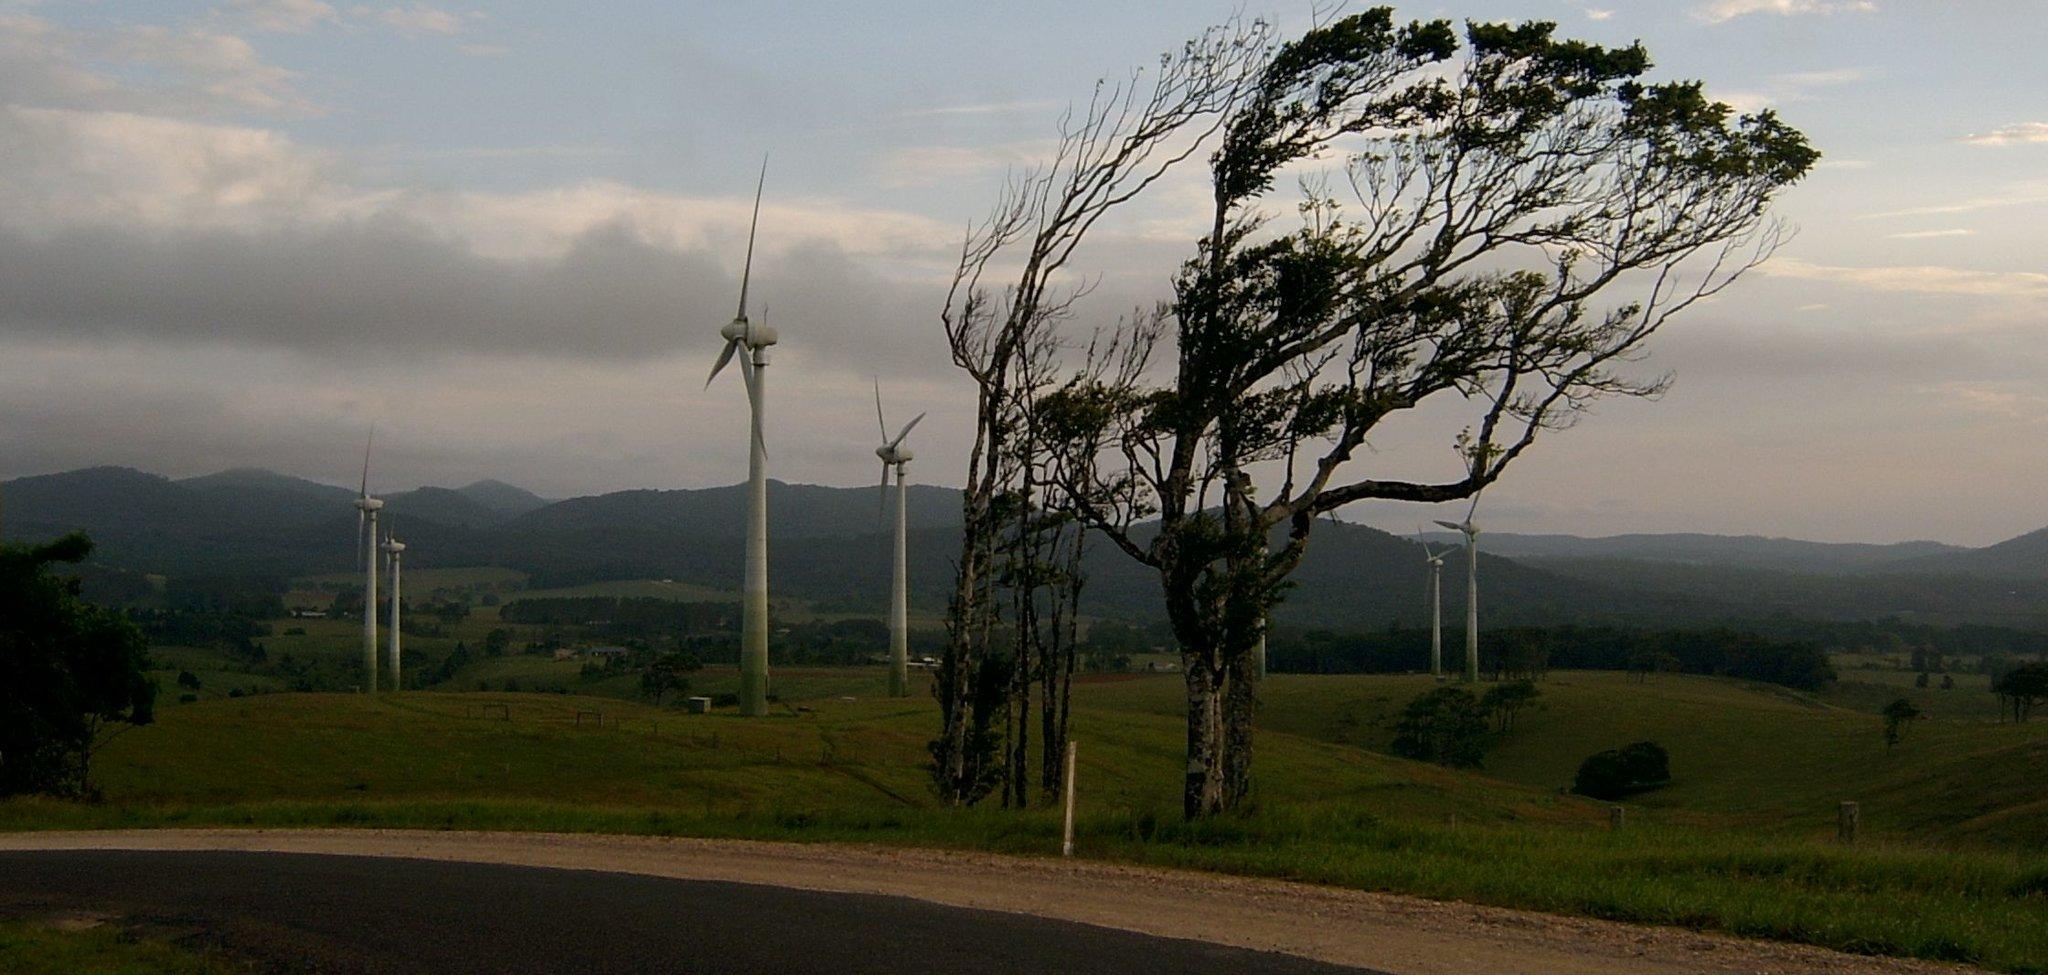 Wietrzny dzień Wietrzny dzień Źródło: Leonard Low, licencja: CC BY-SA 2.0.